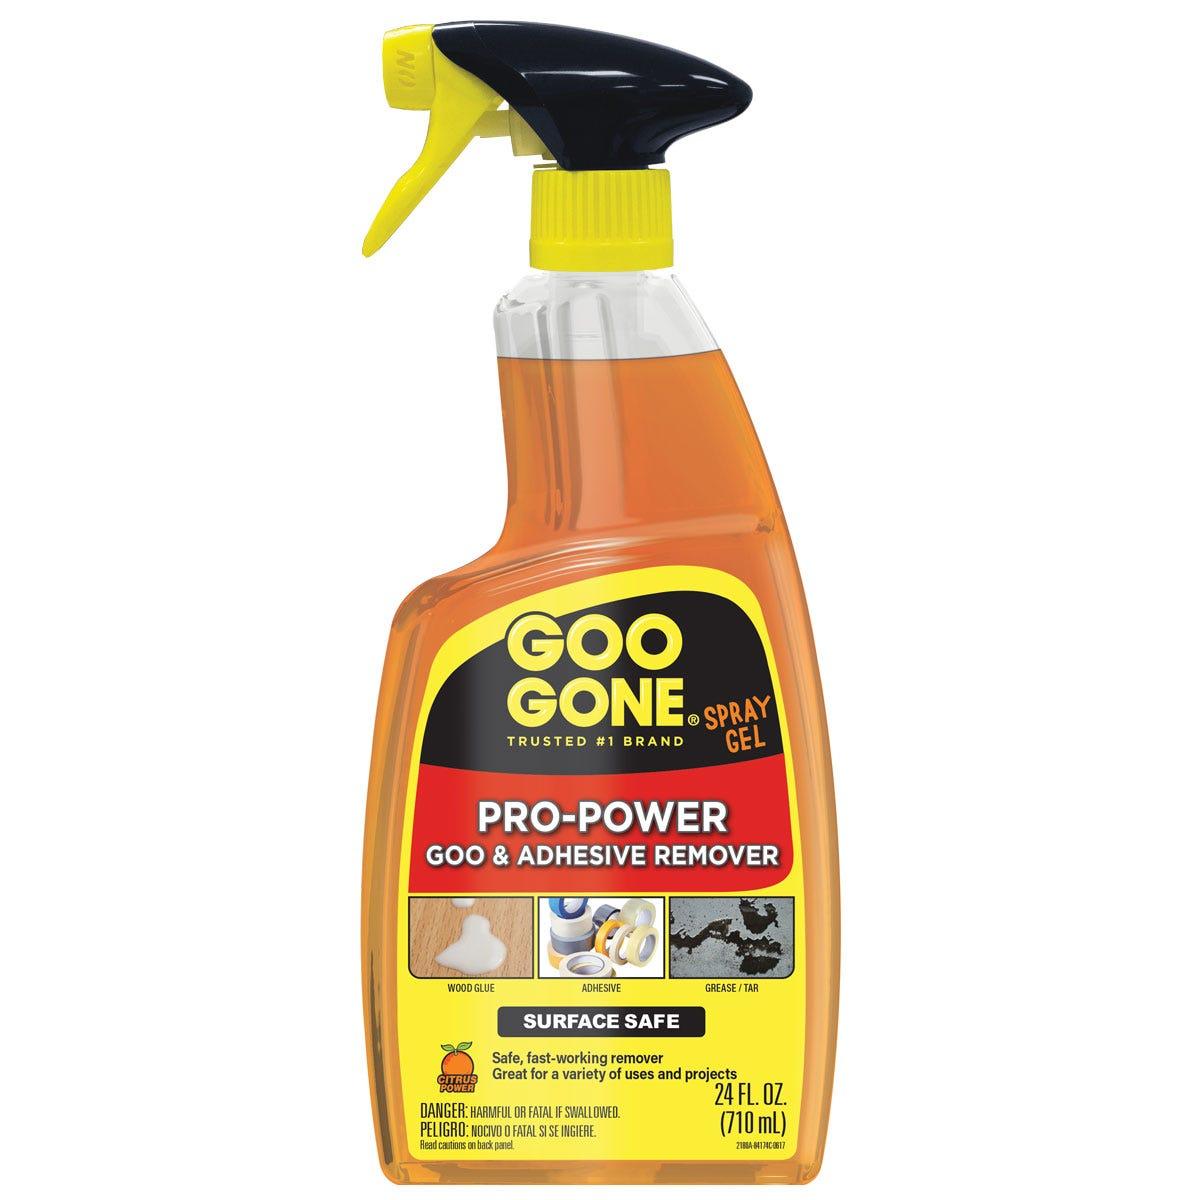 https://googone.com/media/catalog/product/p/r/pro-power-spray-gel_front_1.jpg